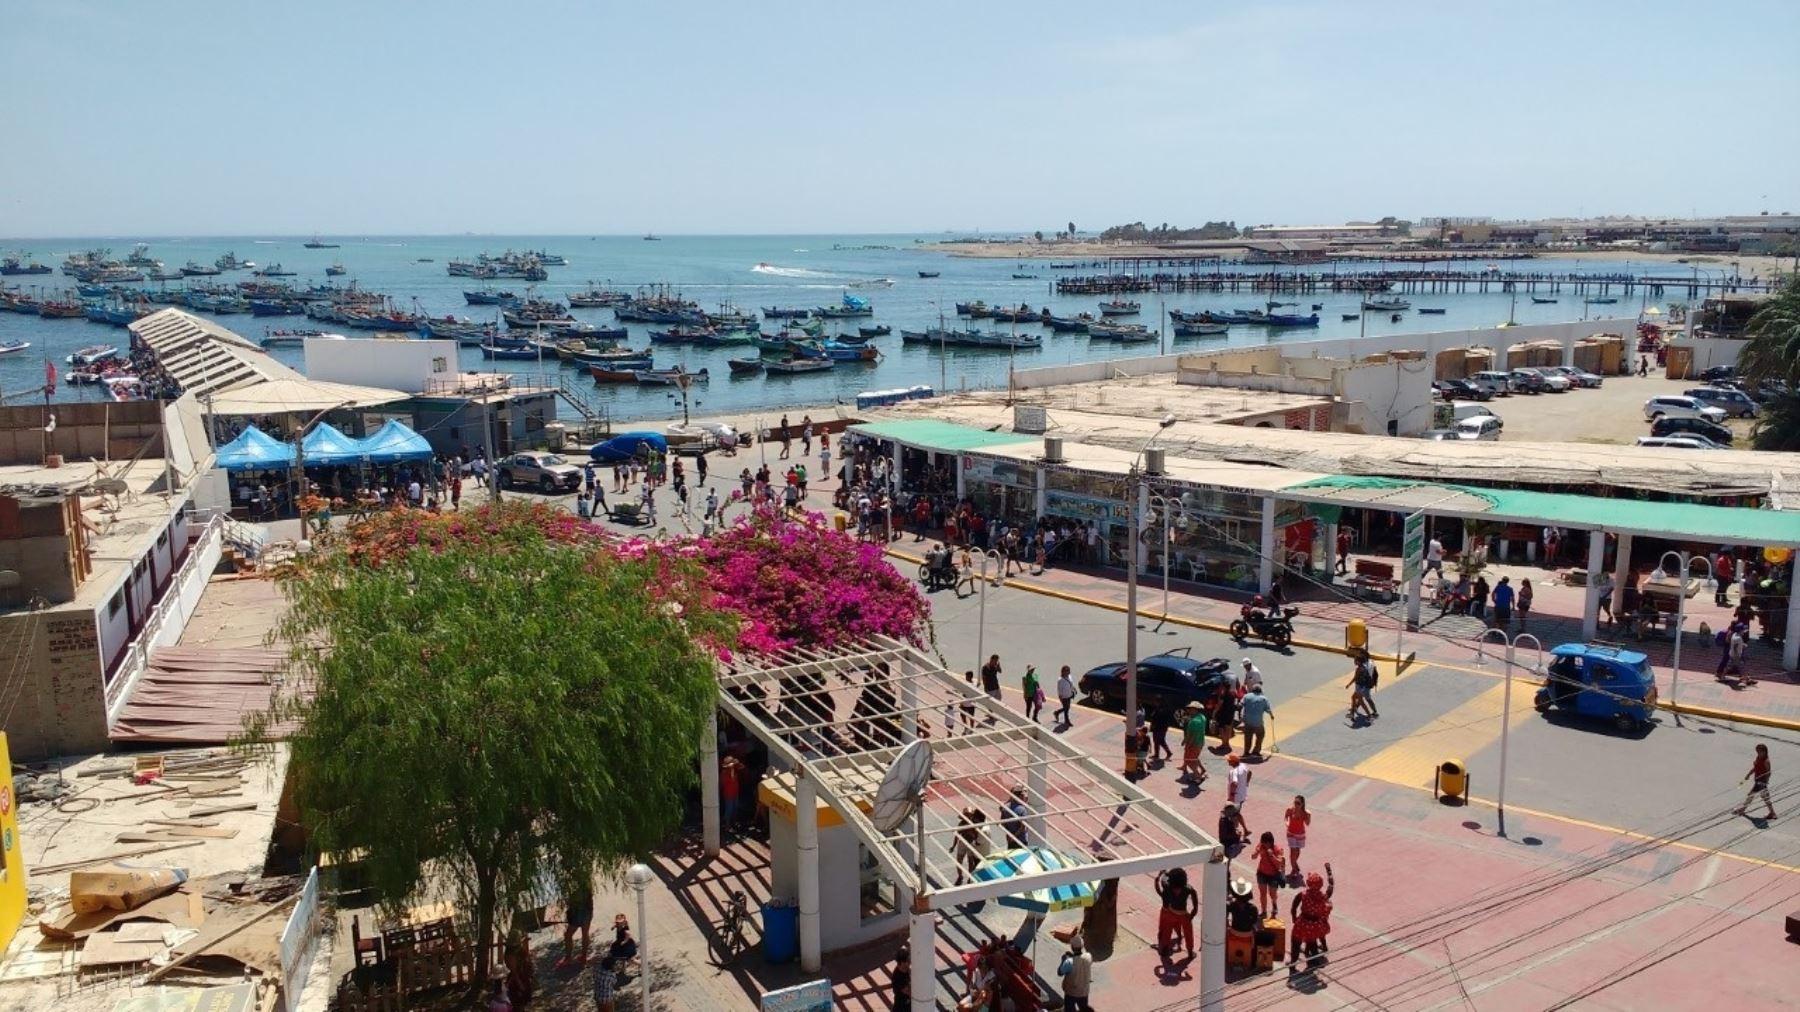 Turistas disfrutarán de los atractivos naturales y exquisita gastronomía de Paracas. ANDINA/Difusión